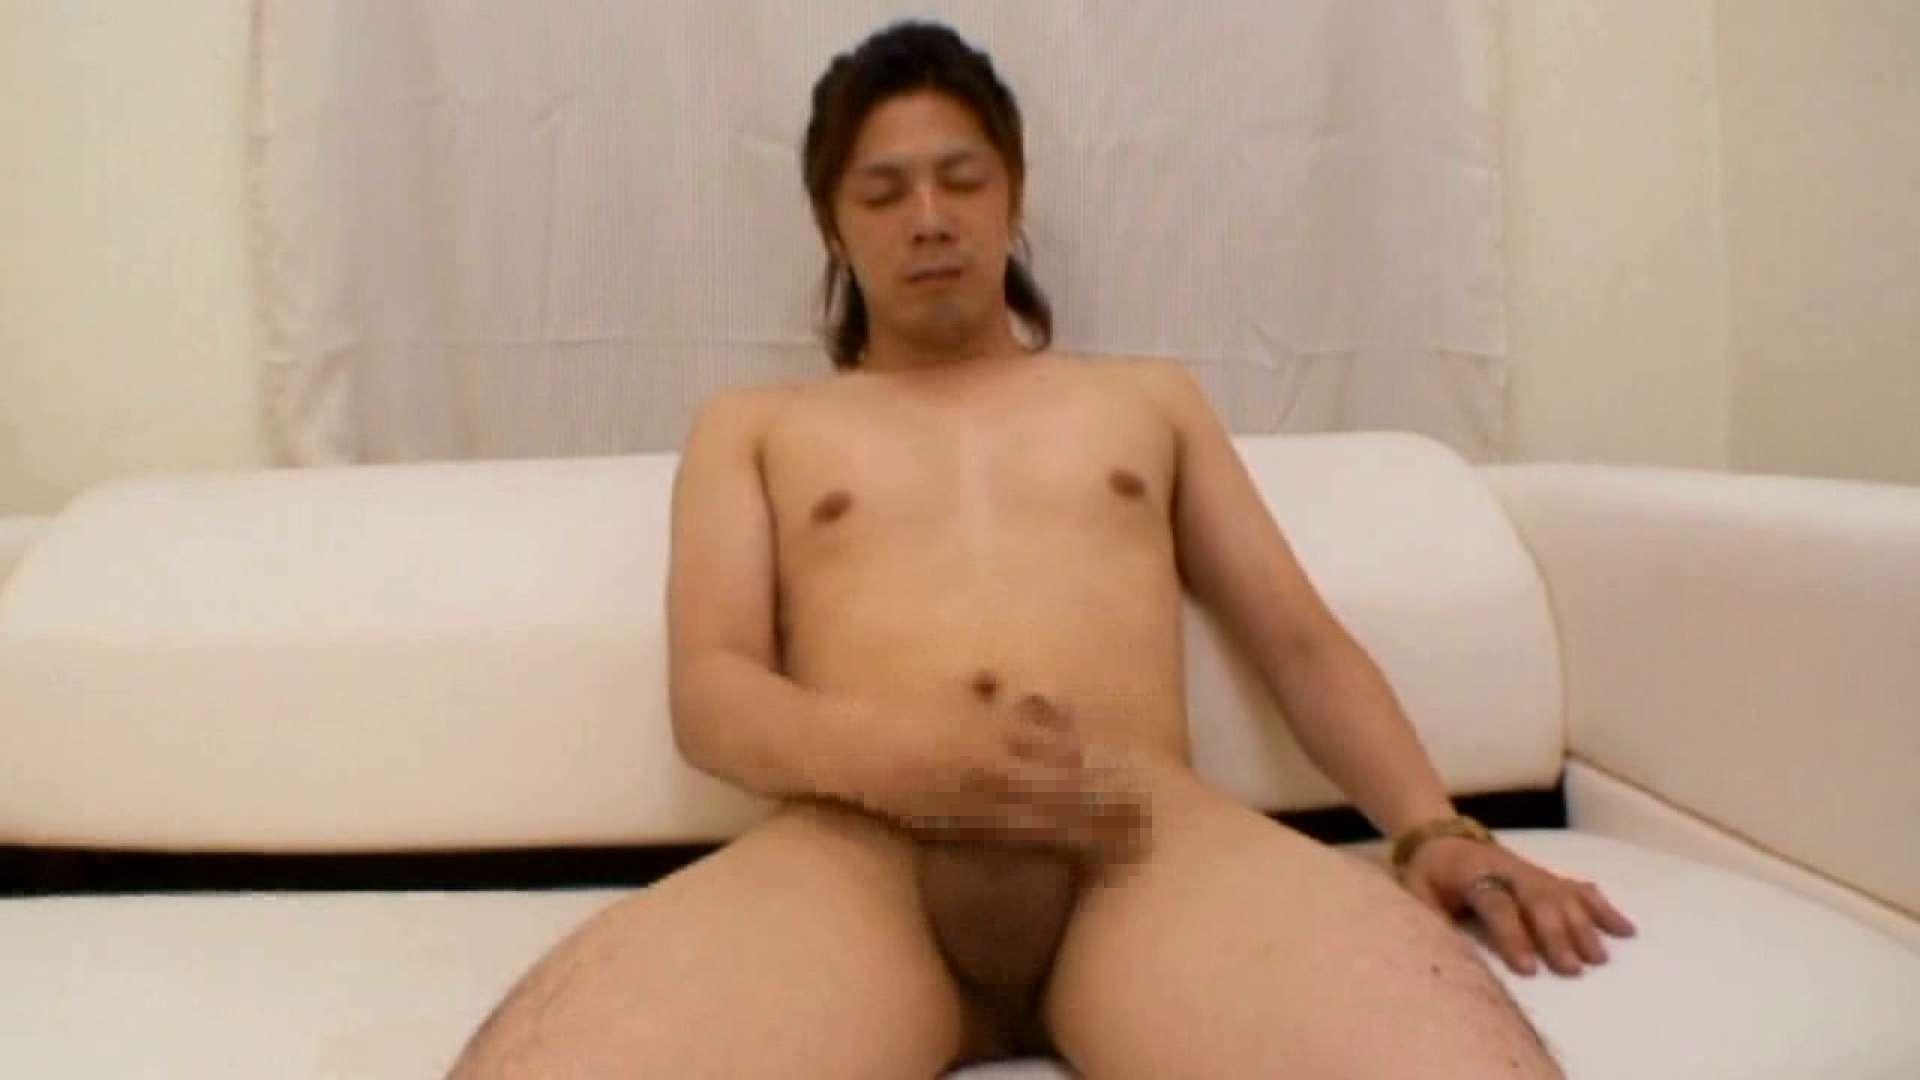 ノンケ!自慰スタジオ No.18 イケメン  86pic 50